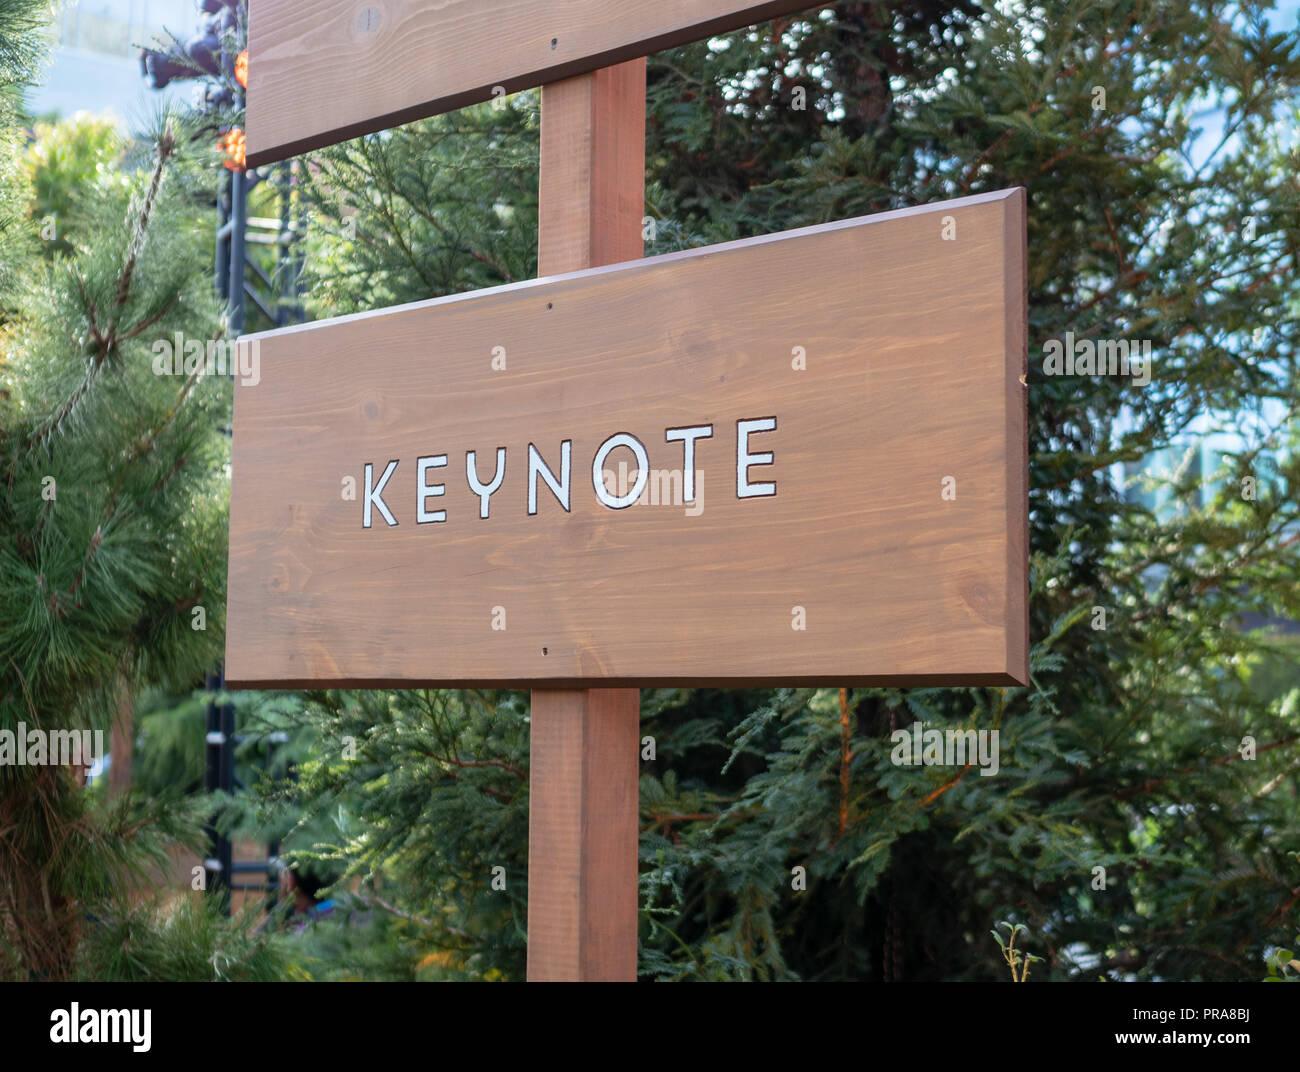 Keynote cartel de madera post proporcionar dirección Imagen De Stock